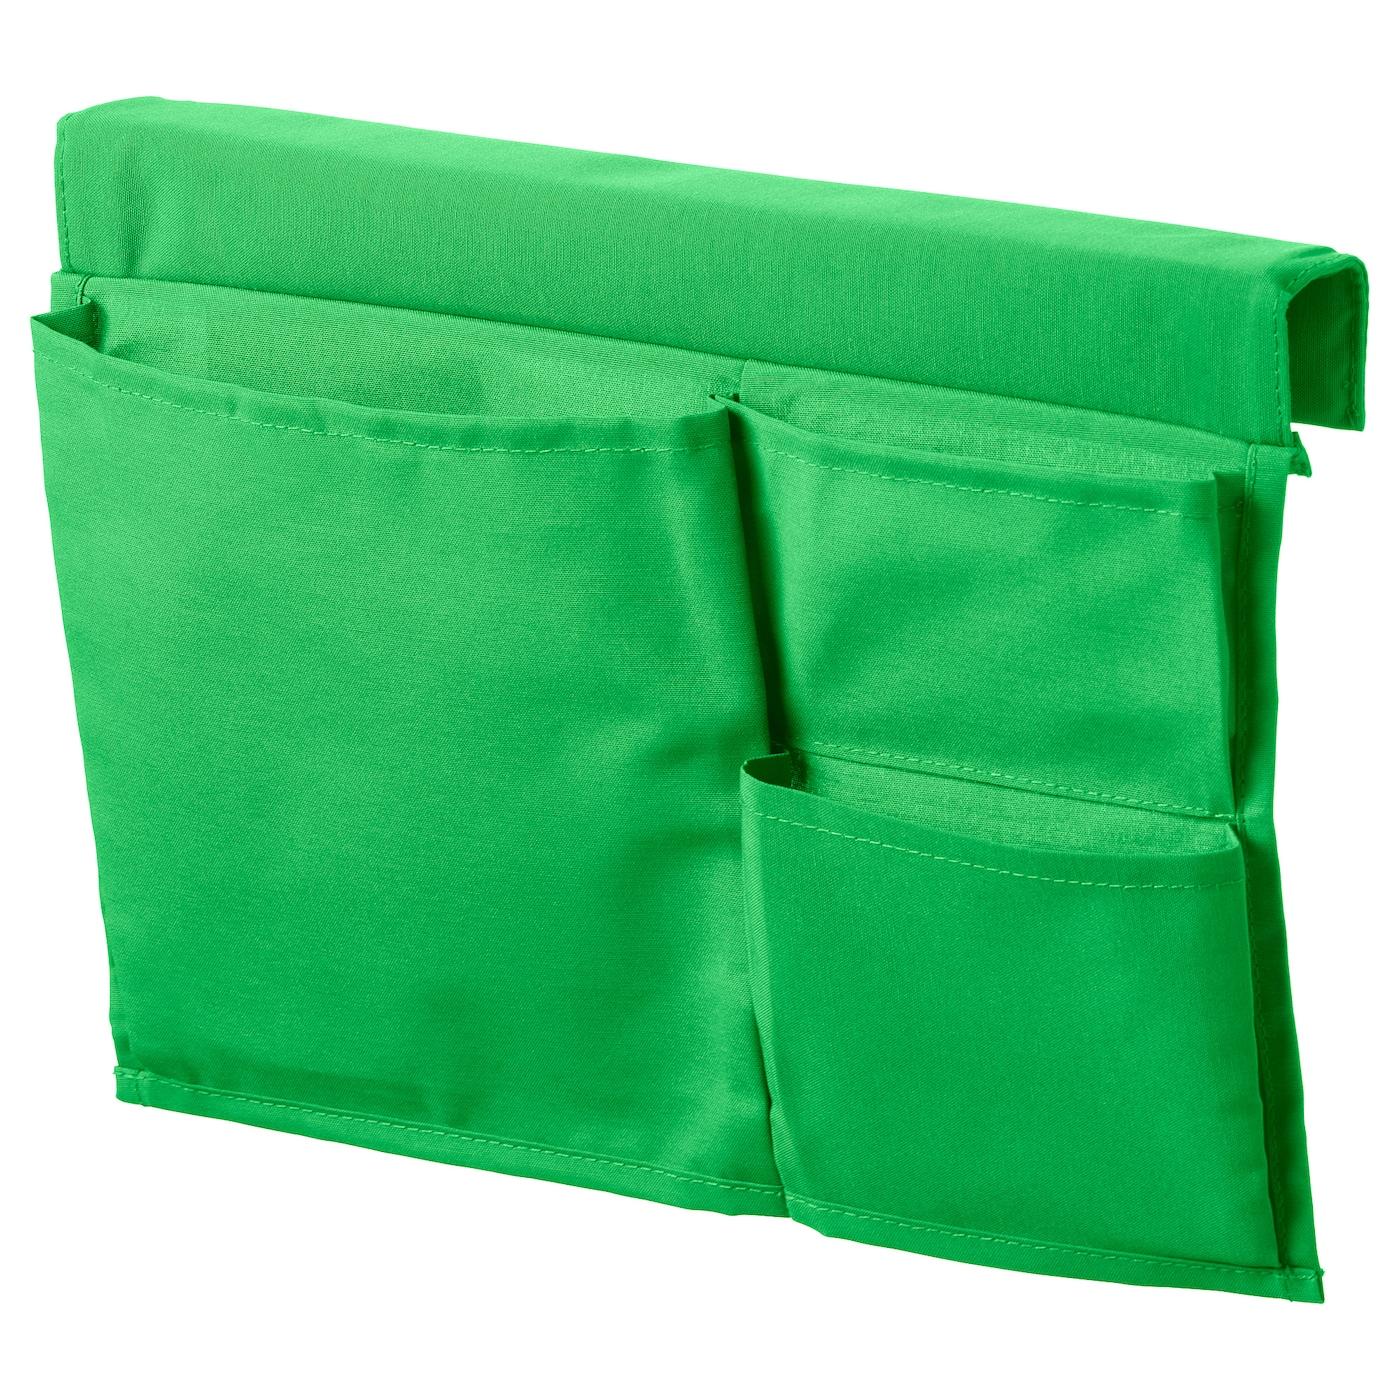 stickat poche rangement pour lit vert 39 x 30 cm ikea. Black Bedroom Furniture Sets. Home Design Ideas